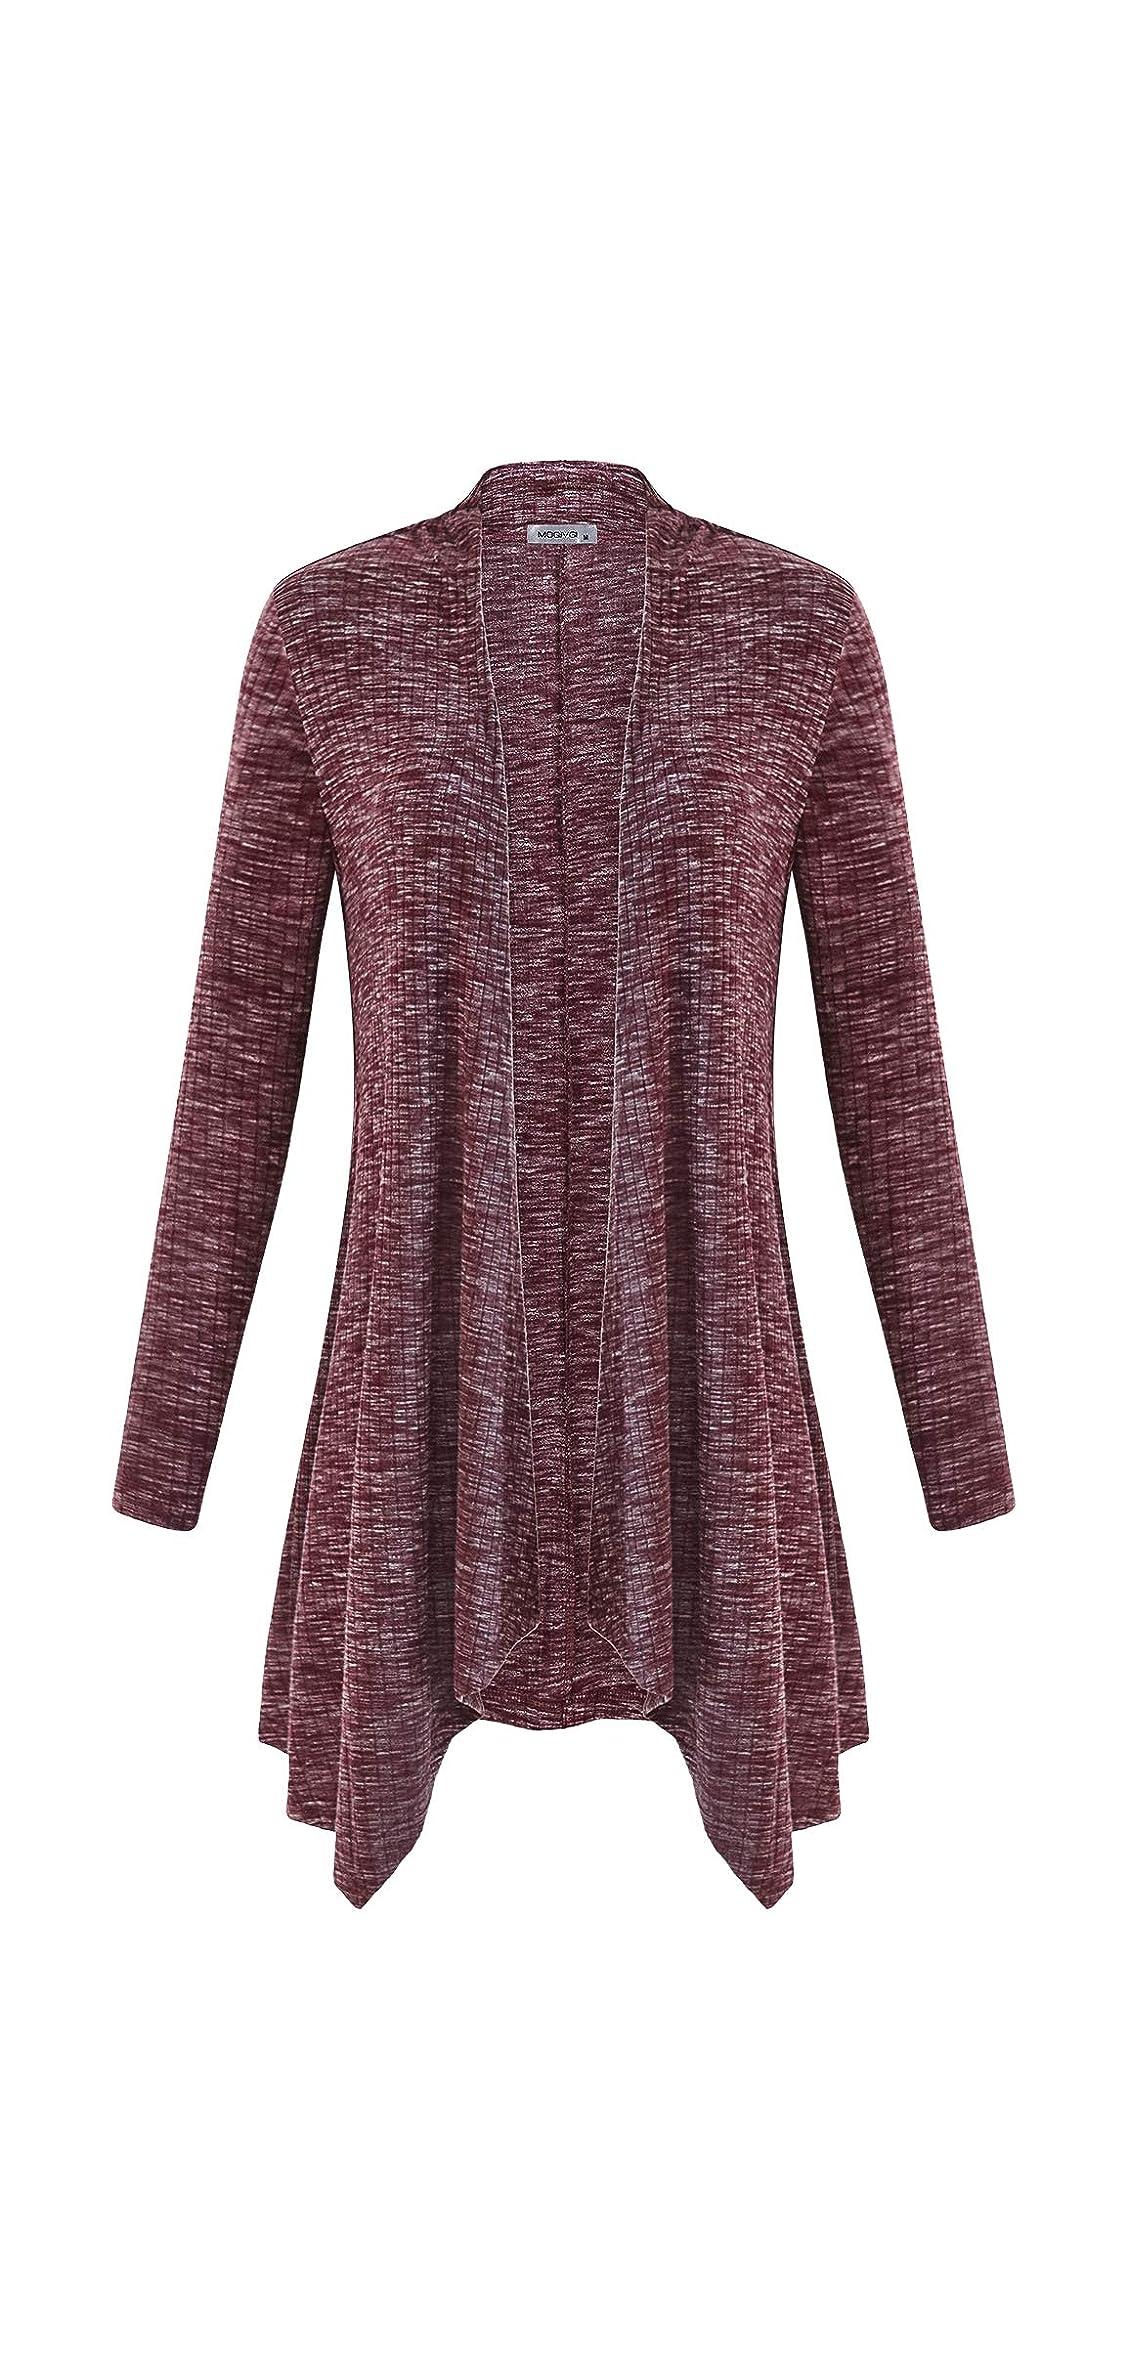 Women Long Sleeve Sweater Tops Open Front Drape Knit